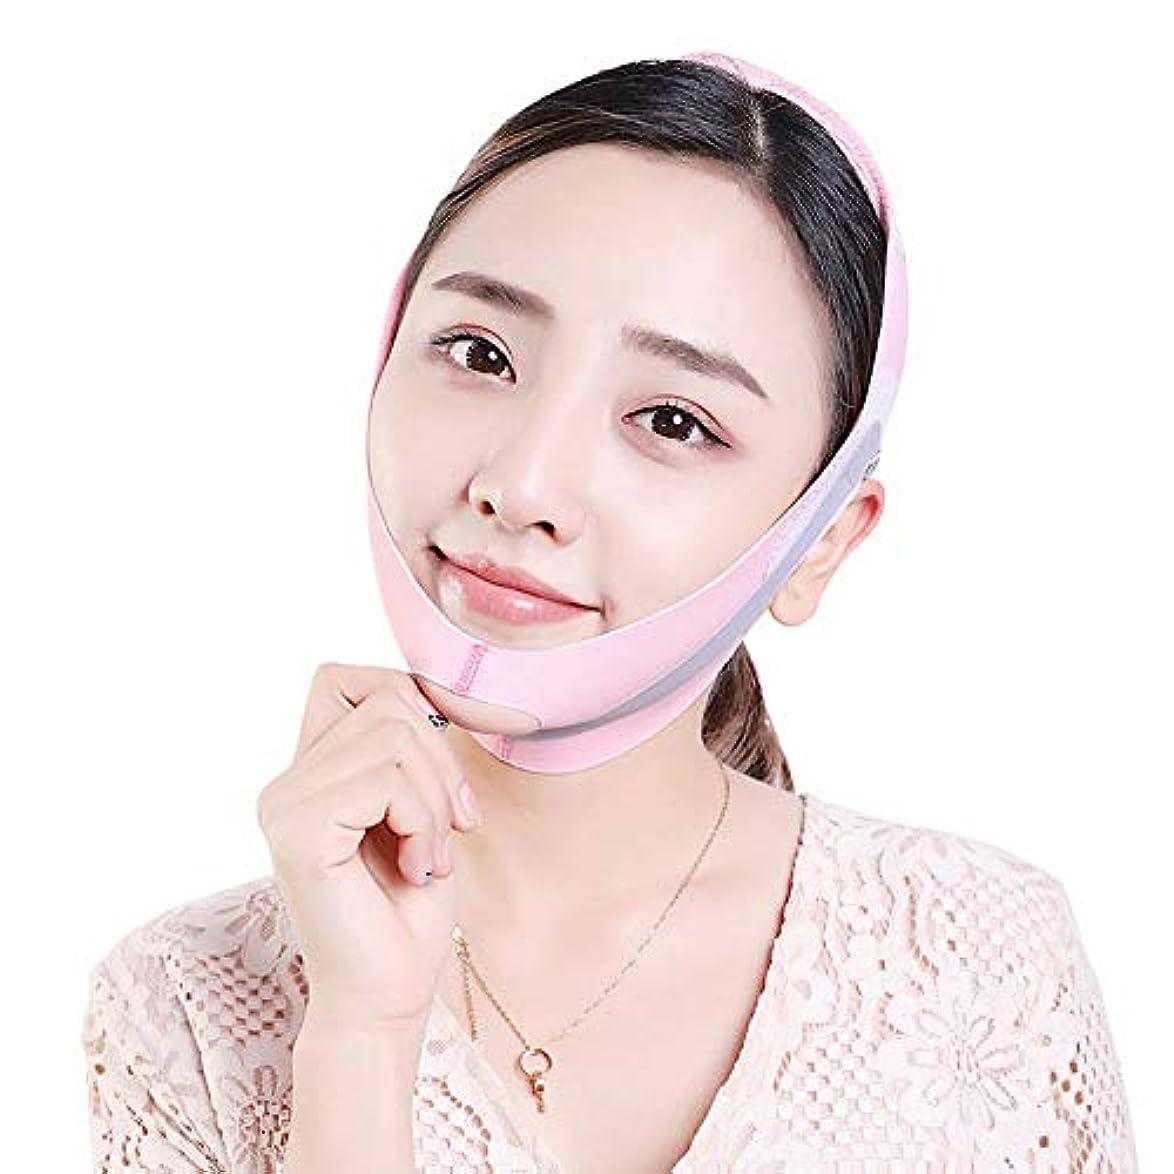 コモランマバケツ伸ばすMinmin たるみを防ぐために顔を持ち上げるために筋肉を引き締めるために二重あごのステッカーとラインを削除するために、顔を持ち上げるアーティファクト包帯があります - ピンク みんみんVラインフェイスマスク